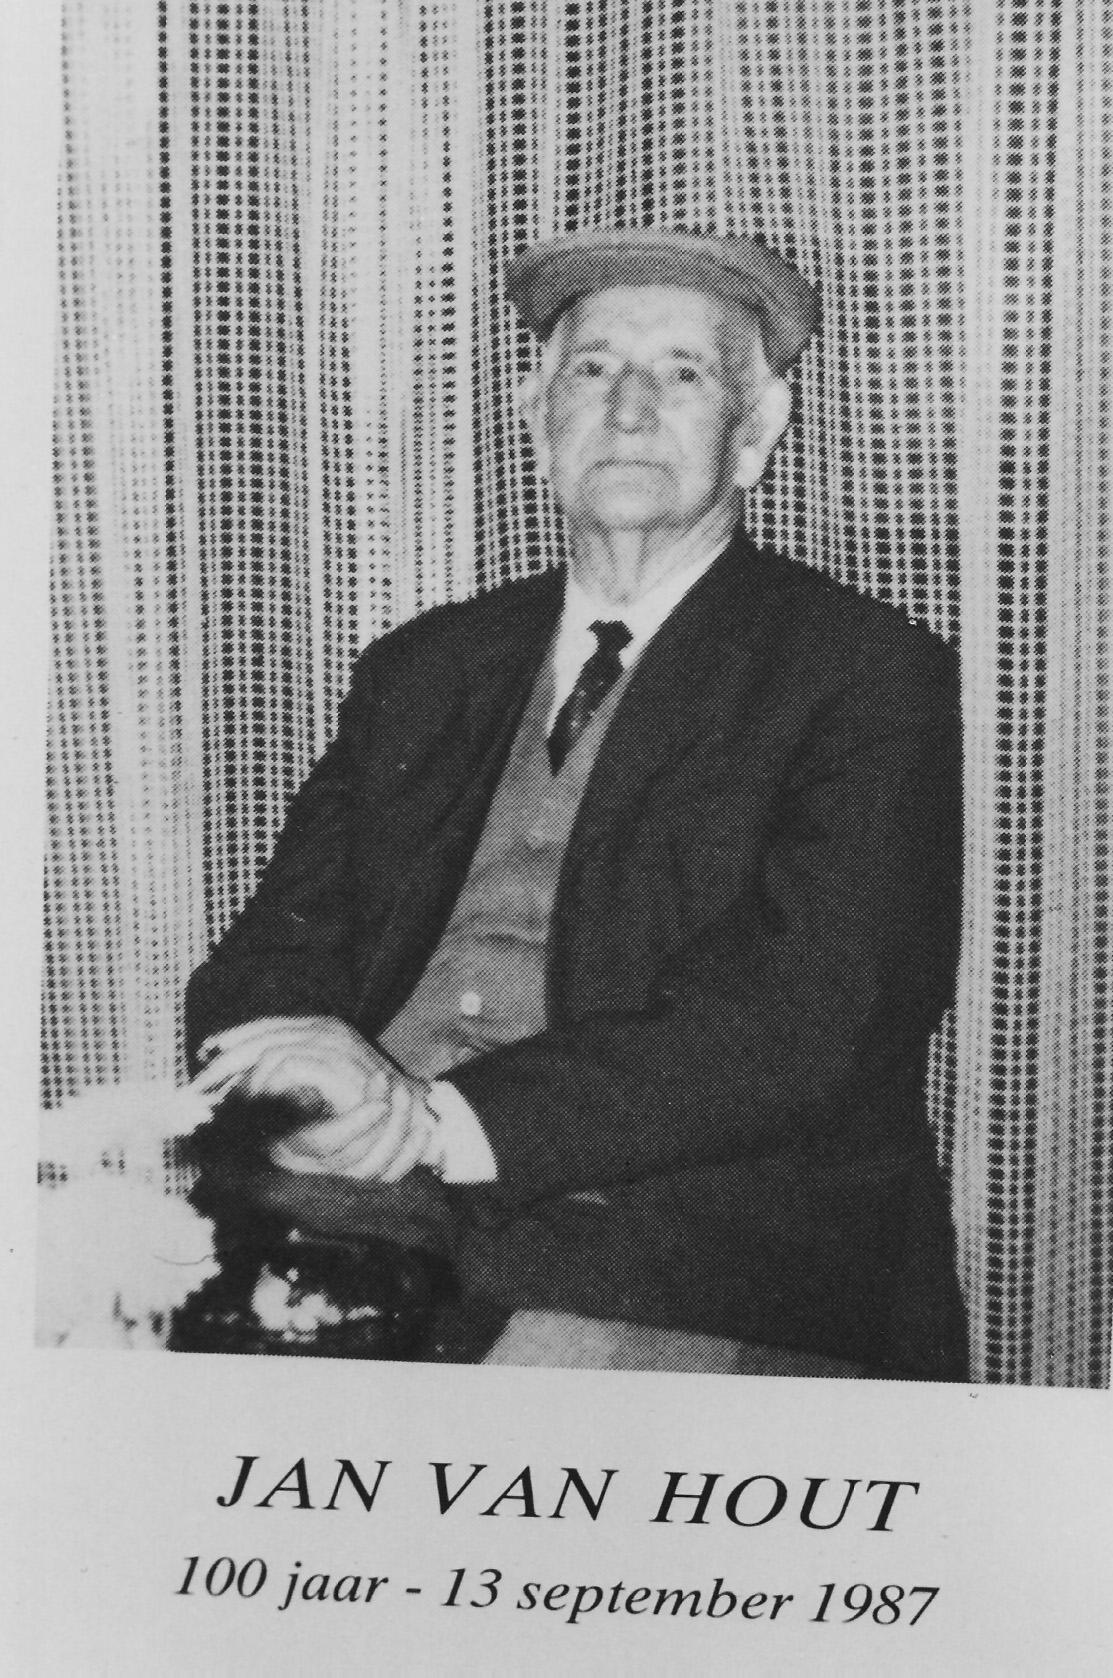 1987, 13 september, Jan van Hout, 100 jaar